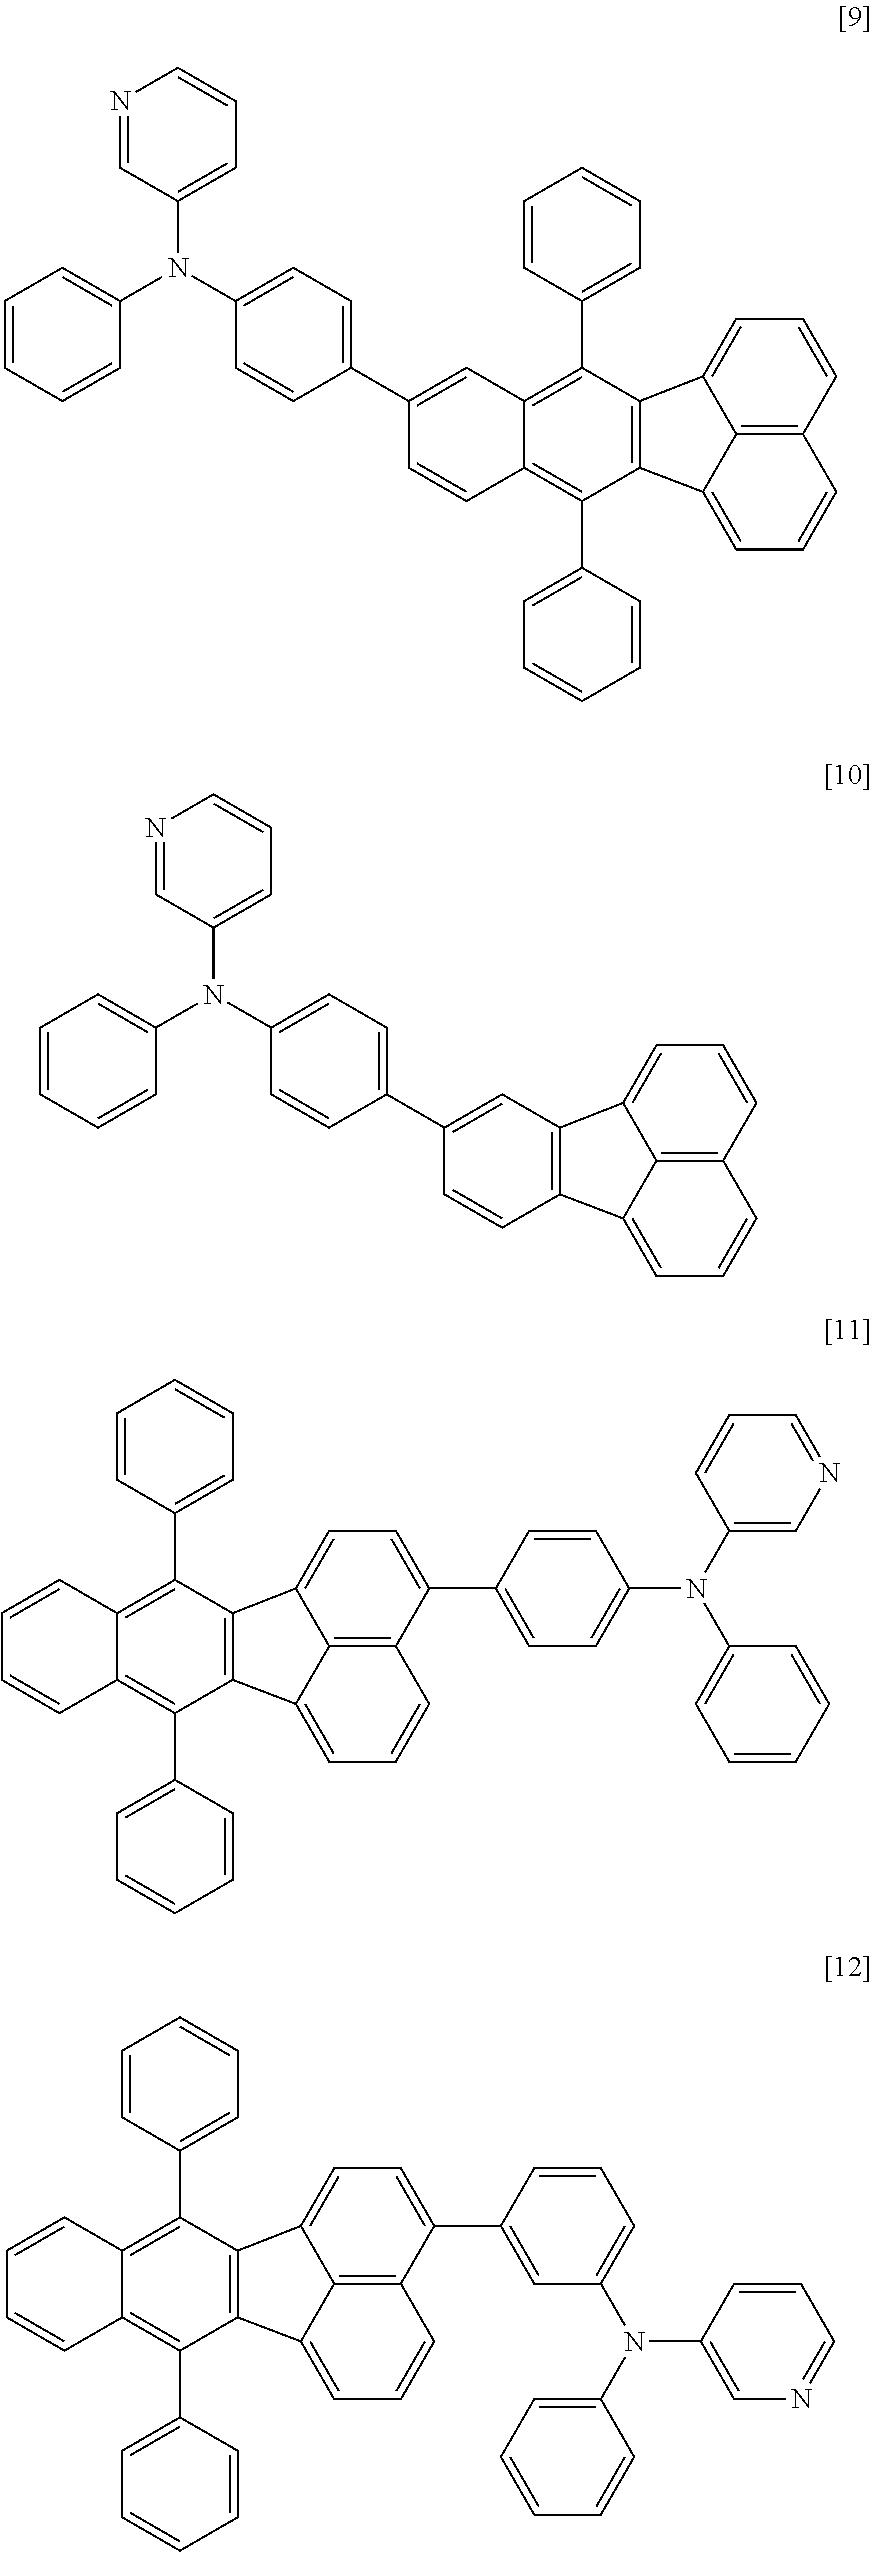 Figure US20150280139A1-20151001-C00140